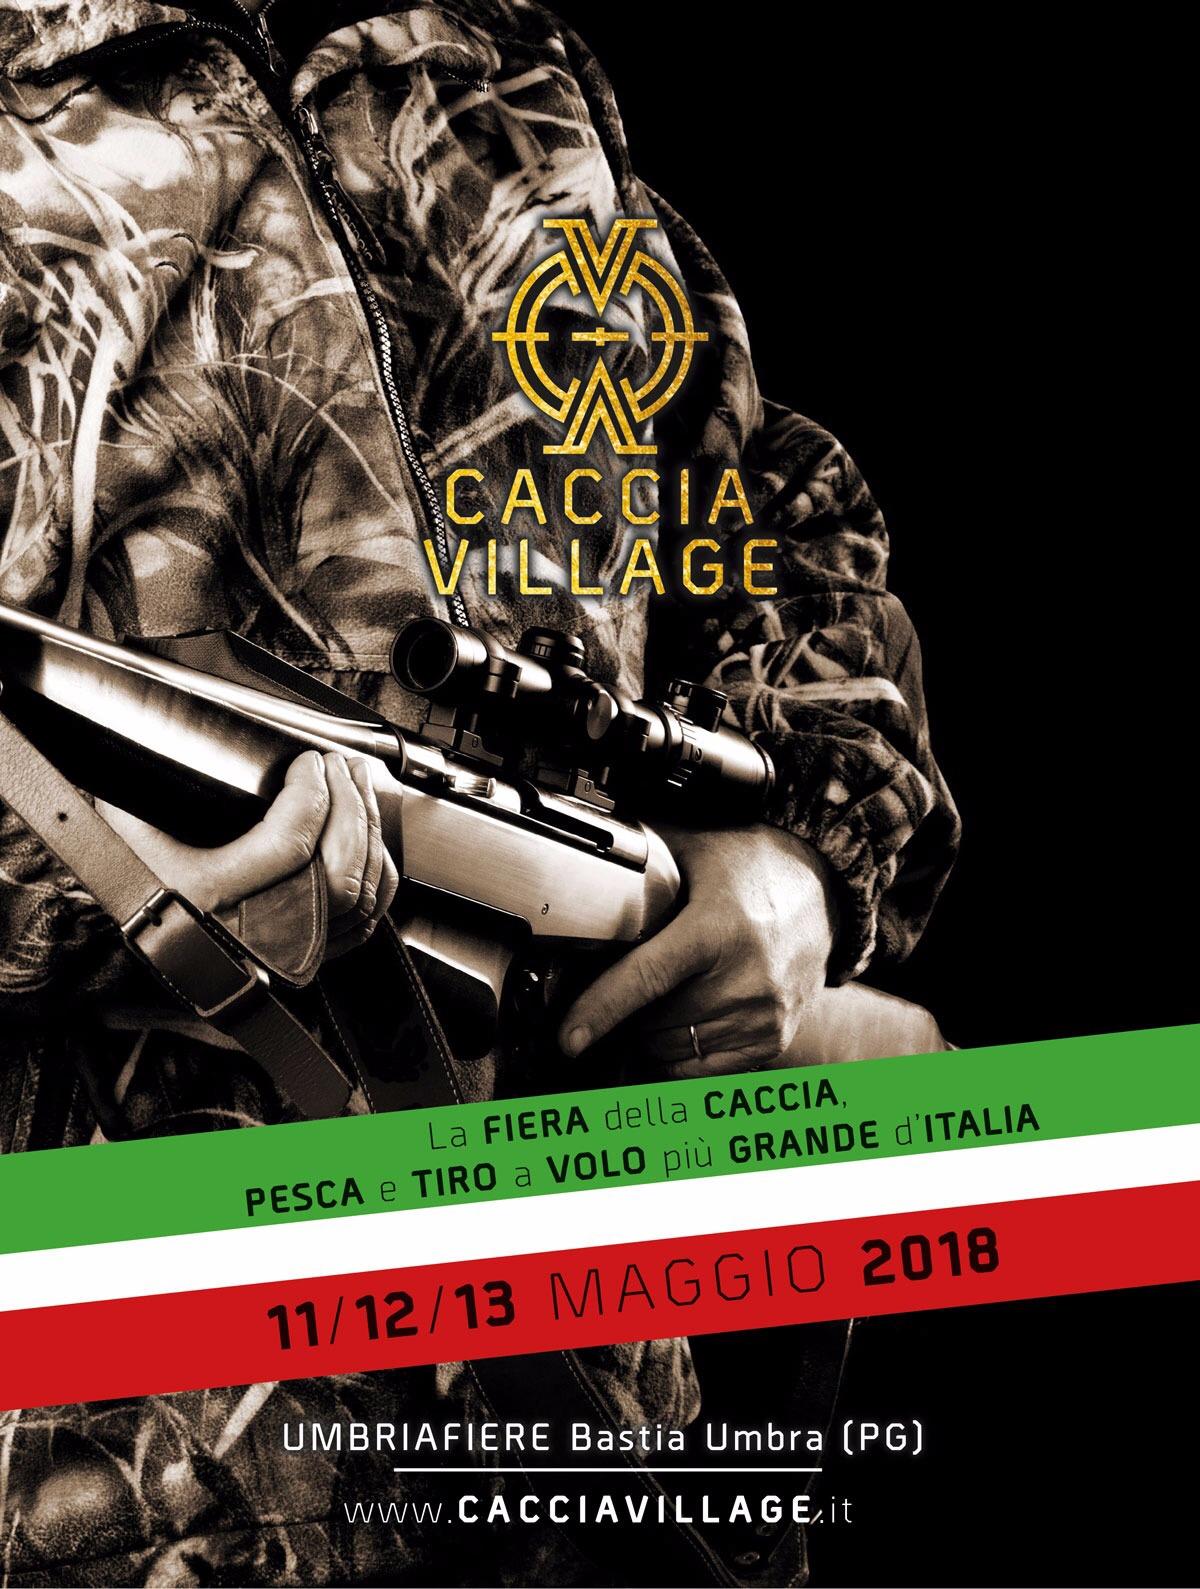 C.P.A. presente al Caccia Village 2018